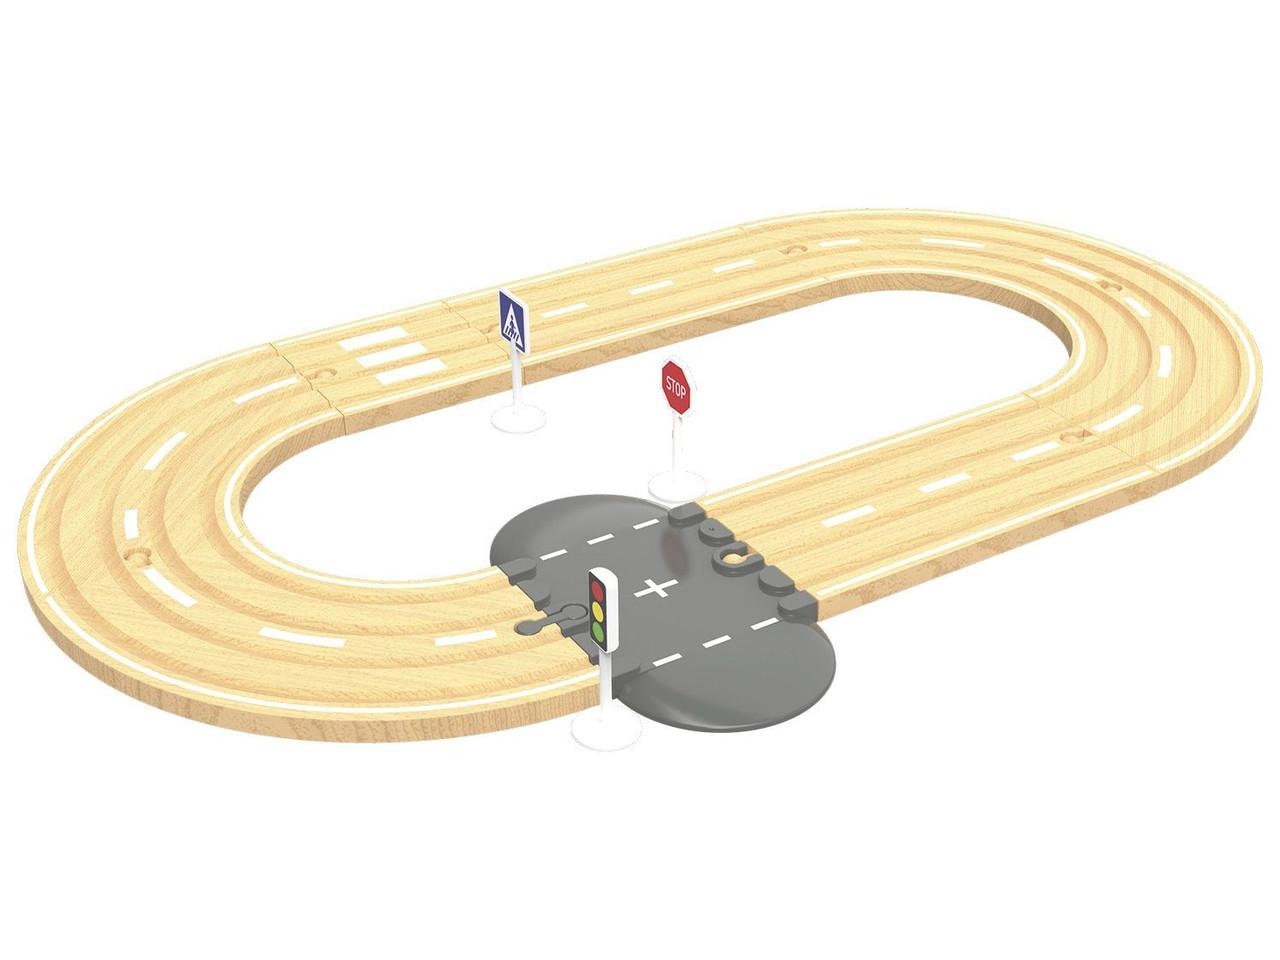 Додаткові елементи для дерев'яної залізниці PlayTive, Ikea lillabo, Viga Toys 12 елементів